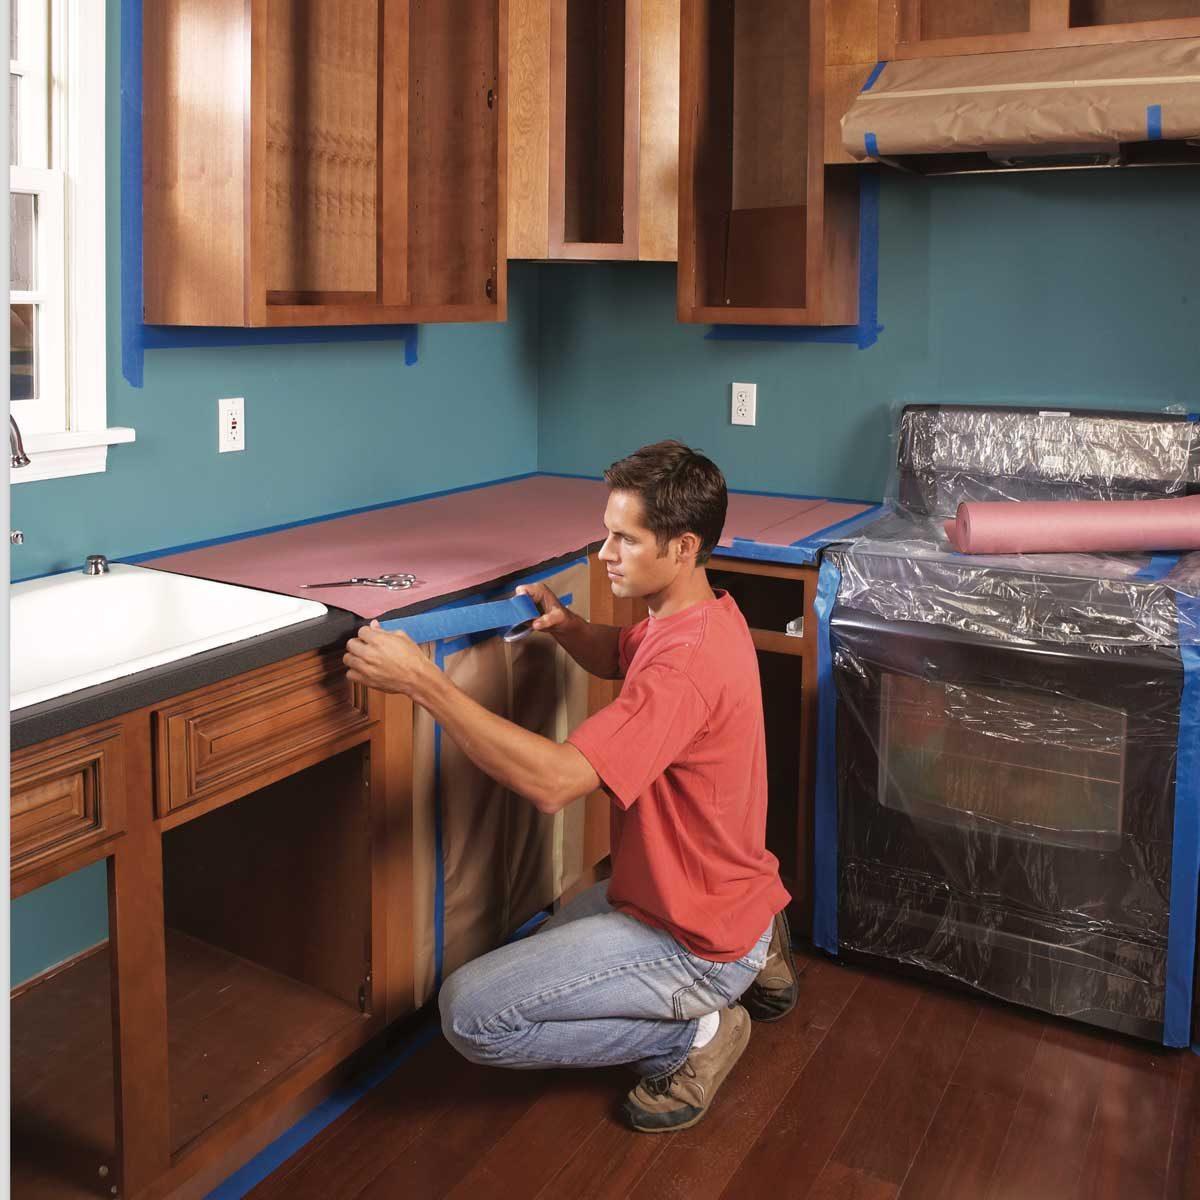 ridipingere-i-mobili-della-cucina-procedimenti-e-suggerimenti-7